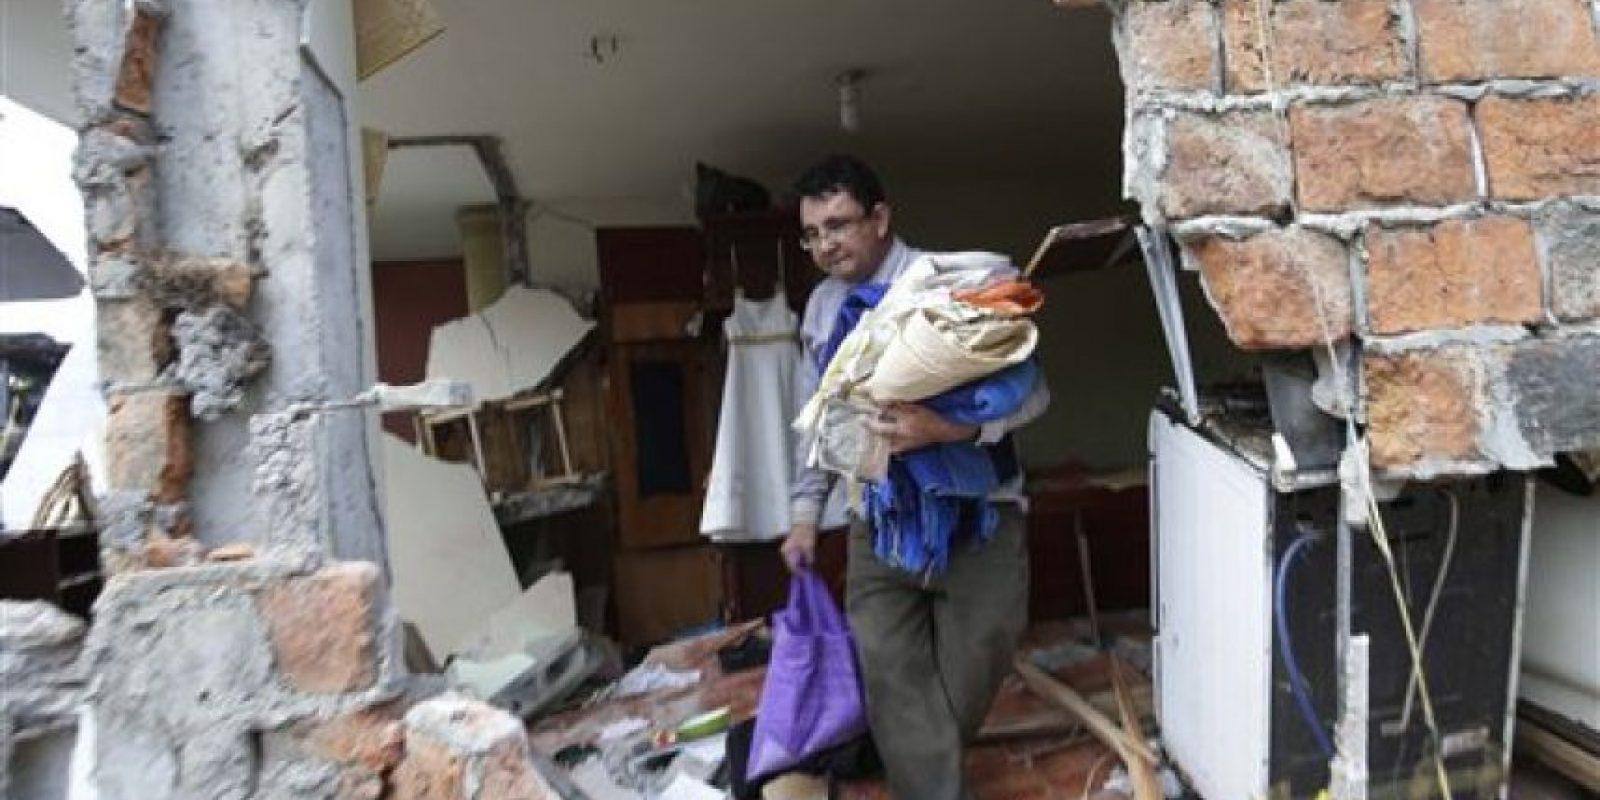 El sismo ha sido el más fuerte registrado en la zona desde 1979 Foto:AP